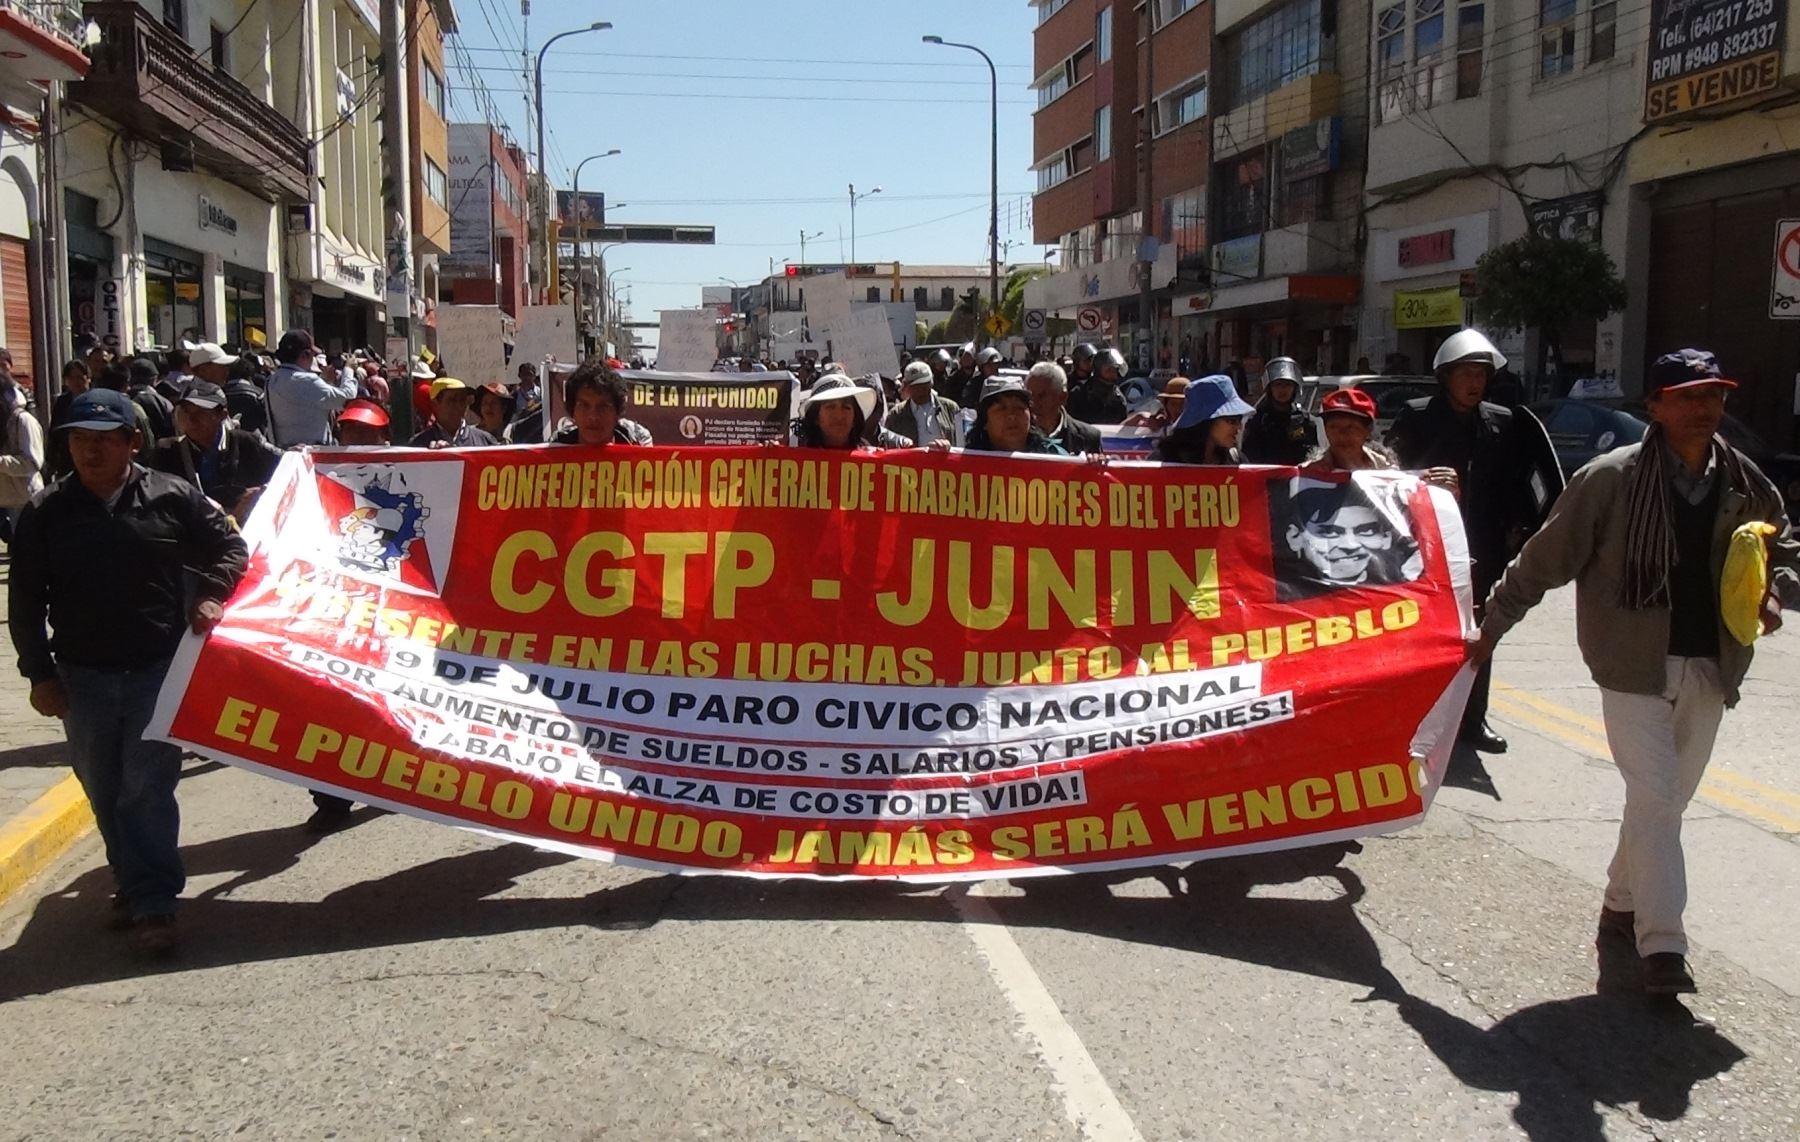 Marcha convocada por la CGTP degeneró en algunos actos de violencia. ANDINA/Pedro Tinoco